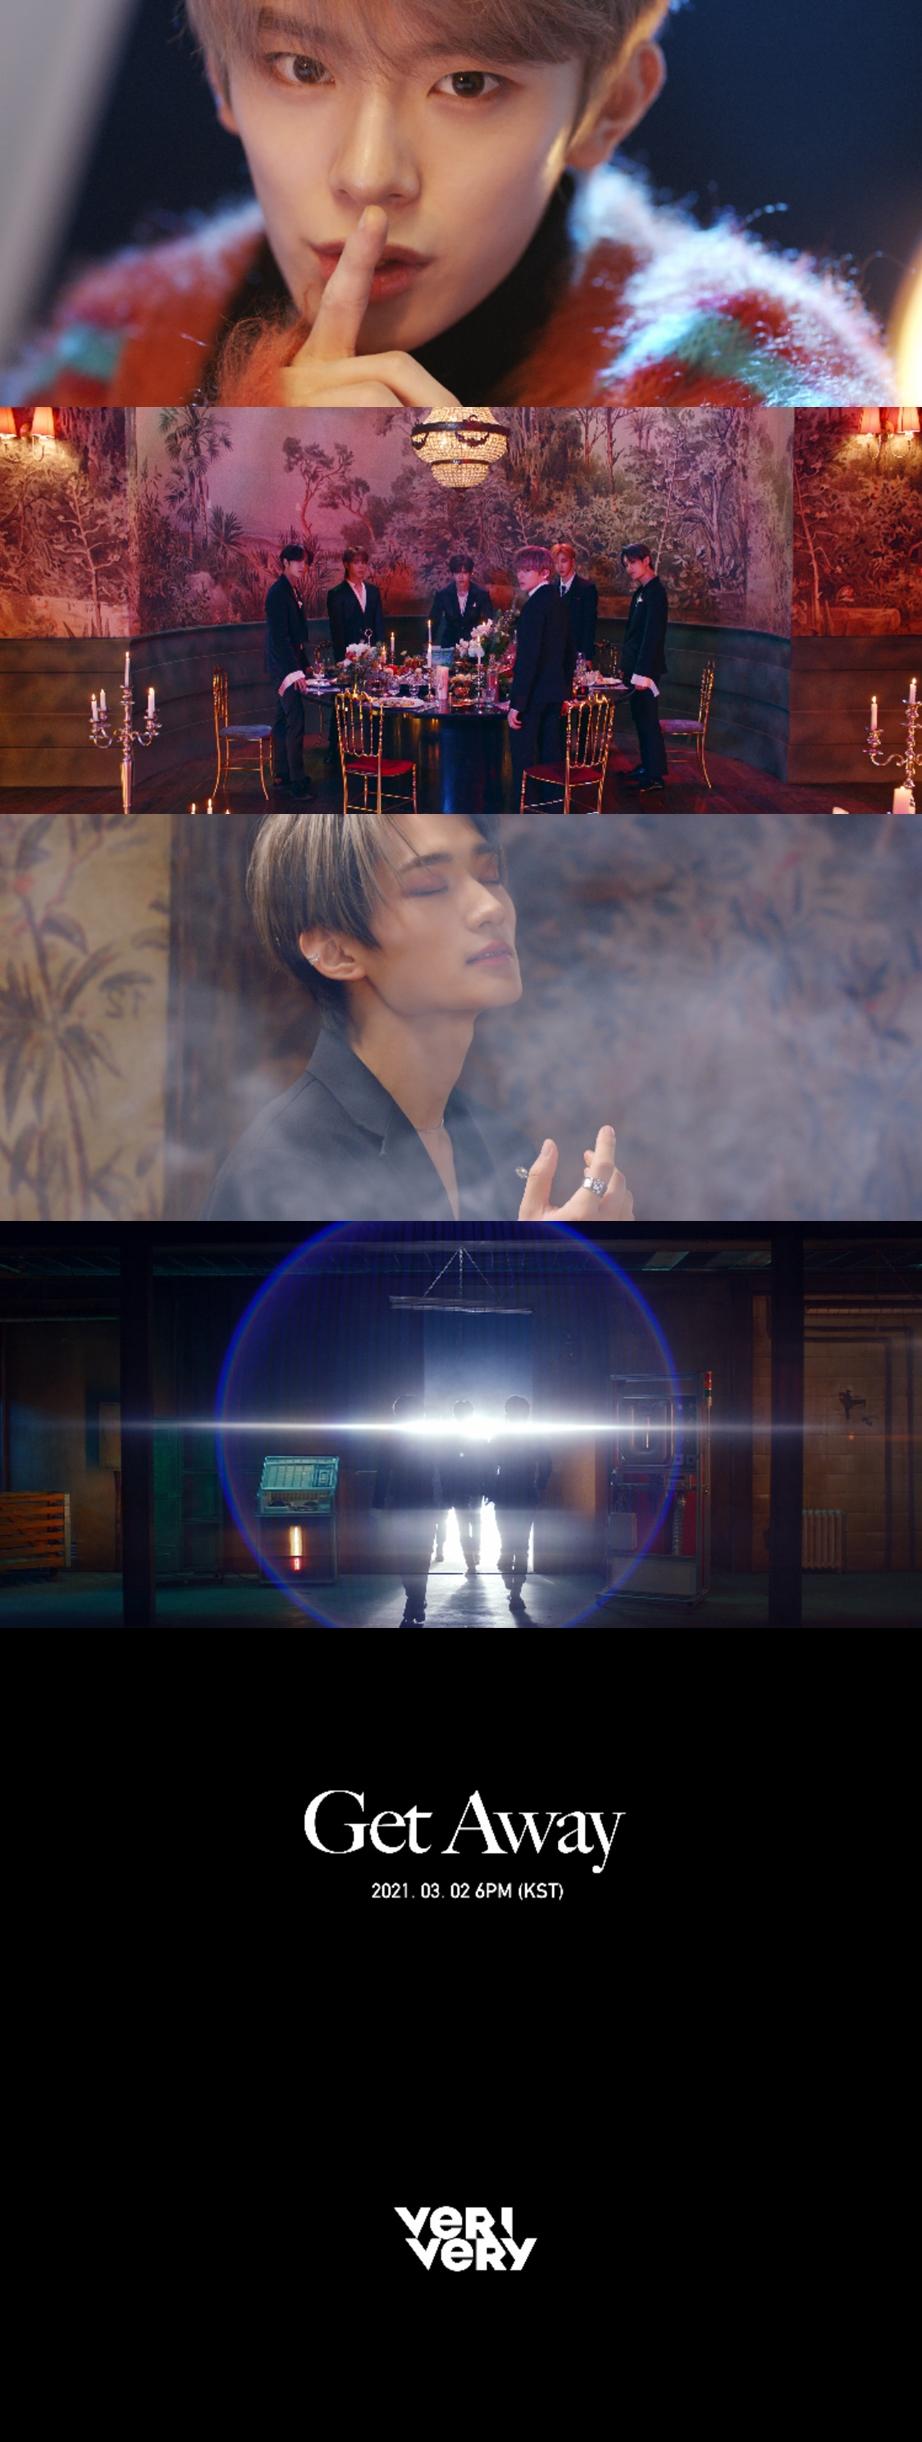 베리베리, 'Get Away' M/V 티저 공개... 광란의 파티 예고 '기대 UP'